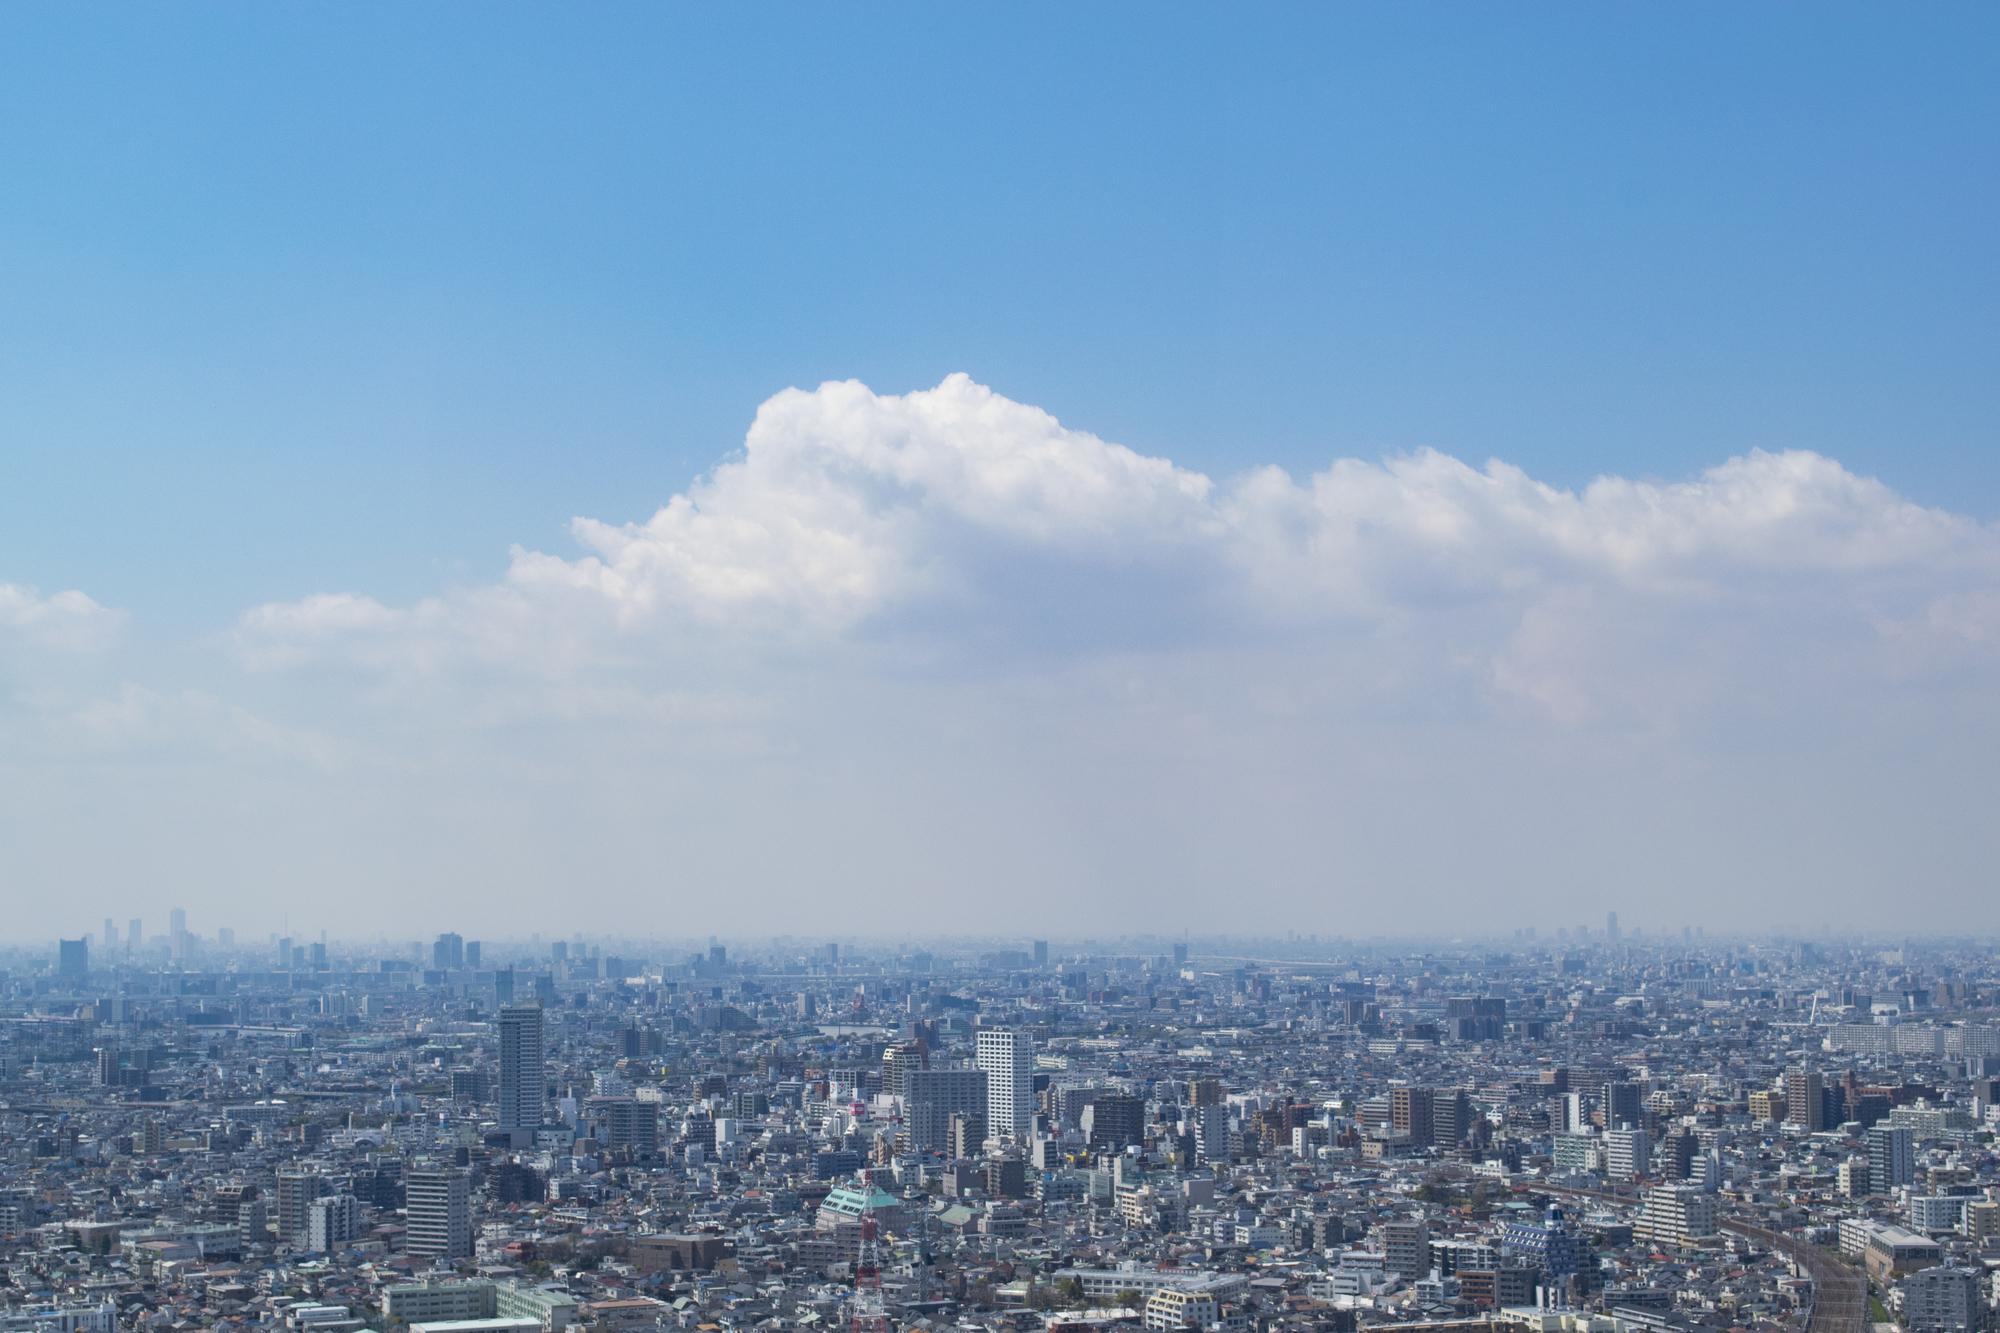 「住みたい街」に実際に住んでみた感想をピックアップ!